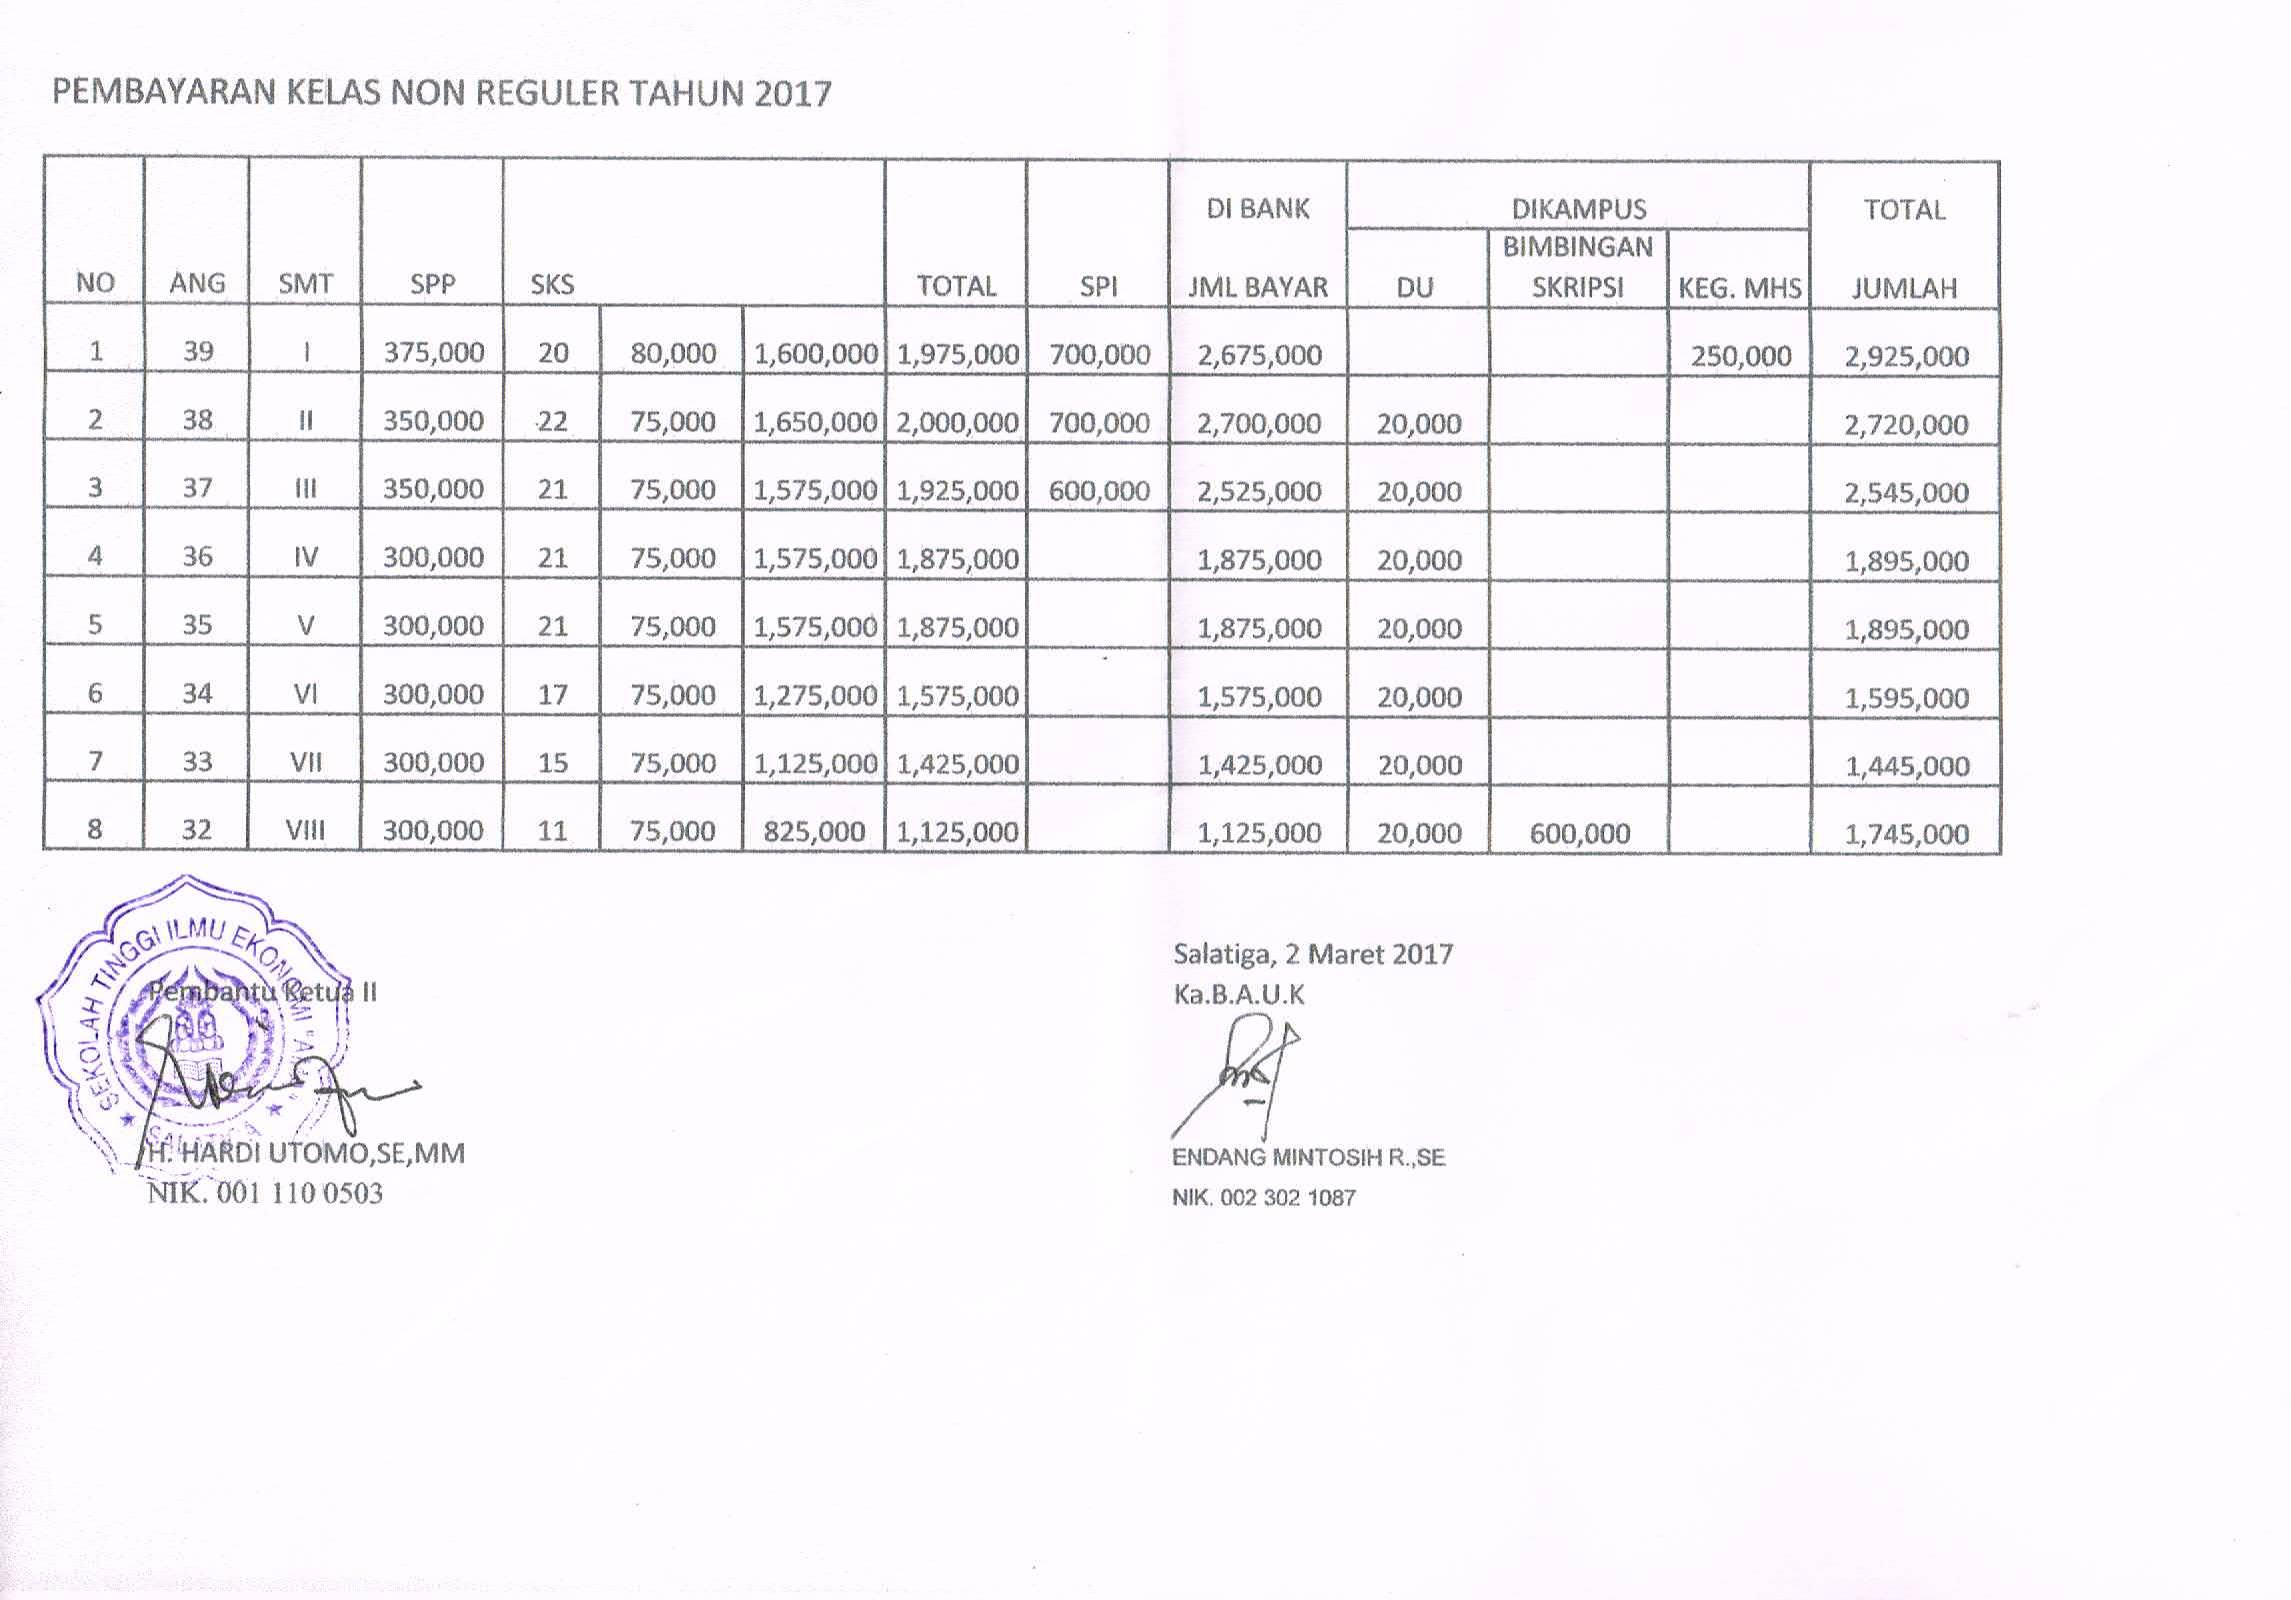 Rincian Biaya Kuliah kelas NonReguler tahun 2017